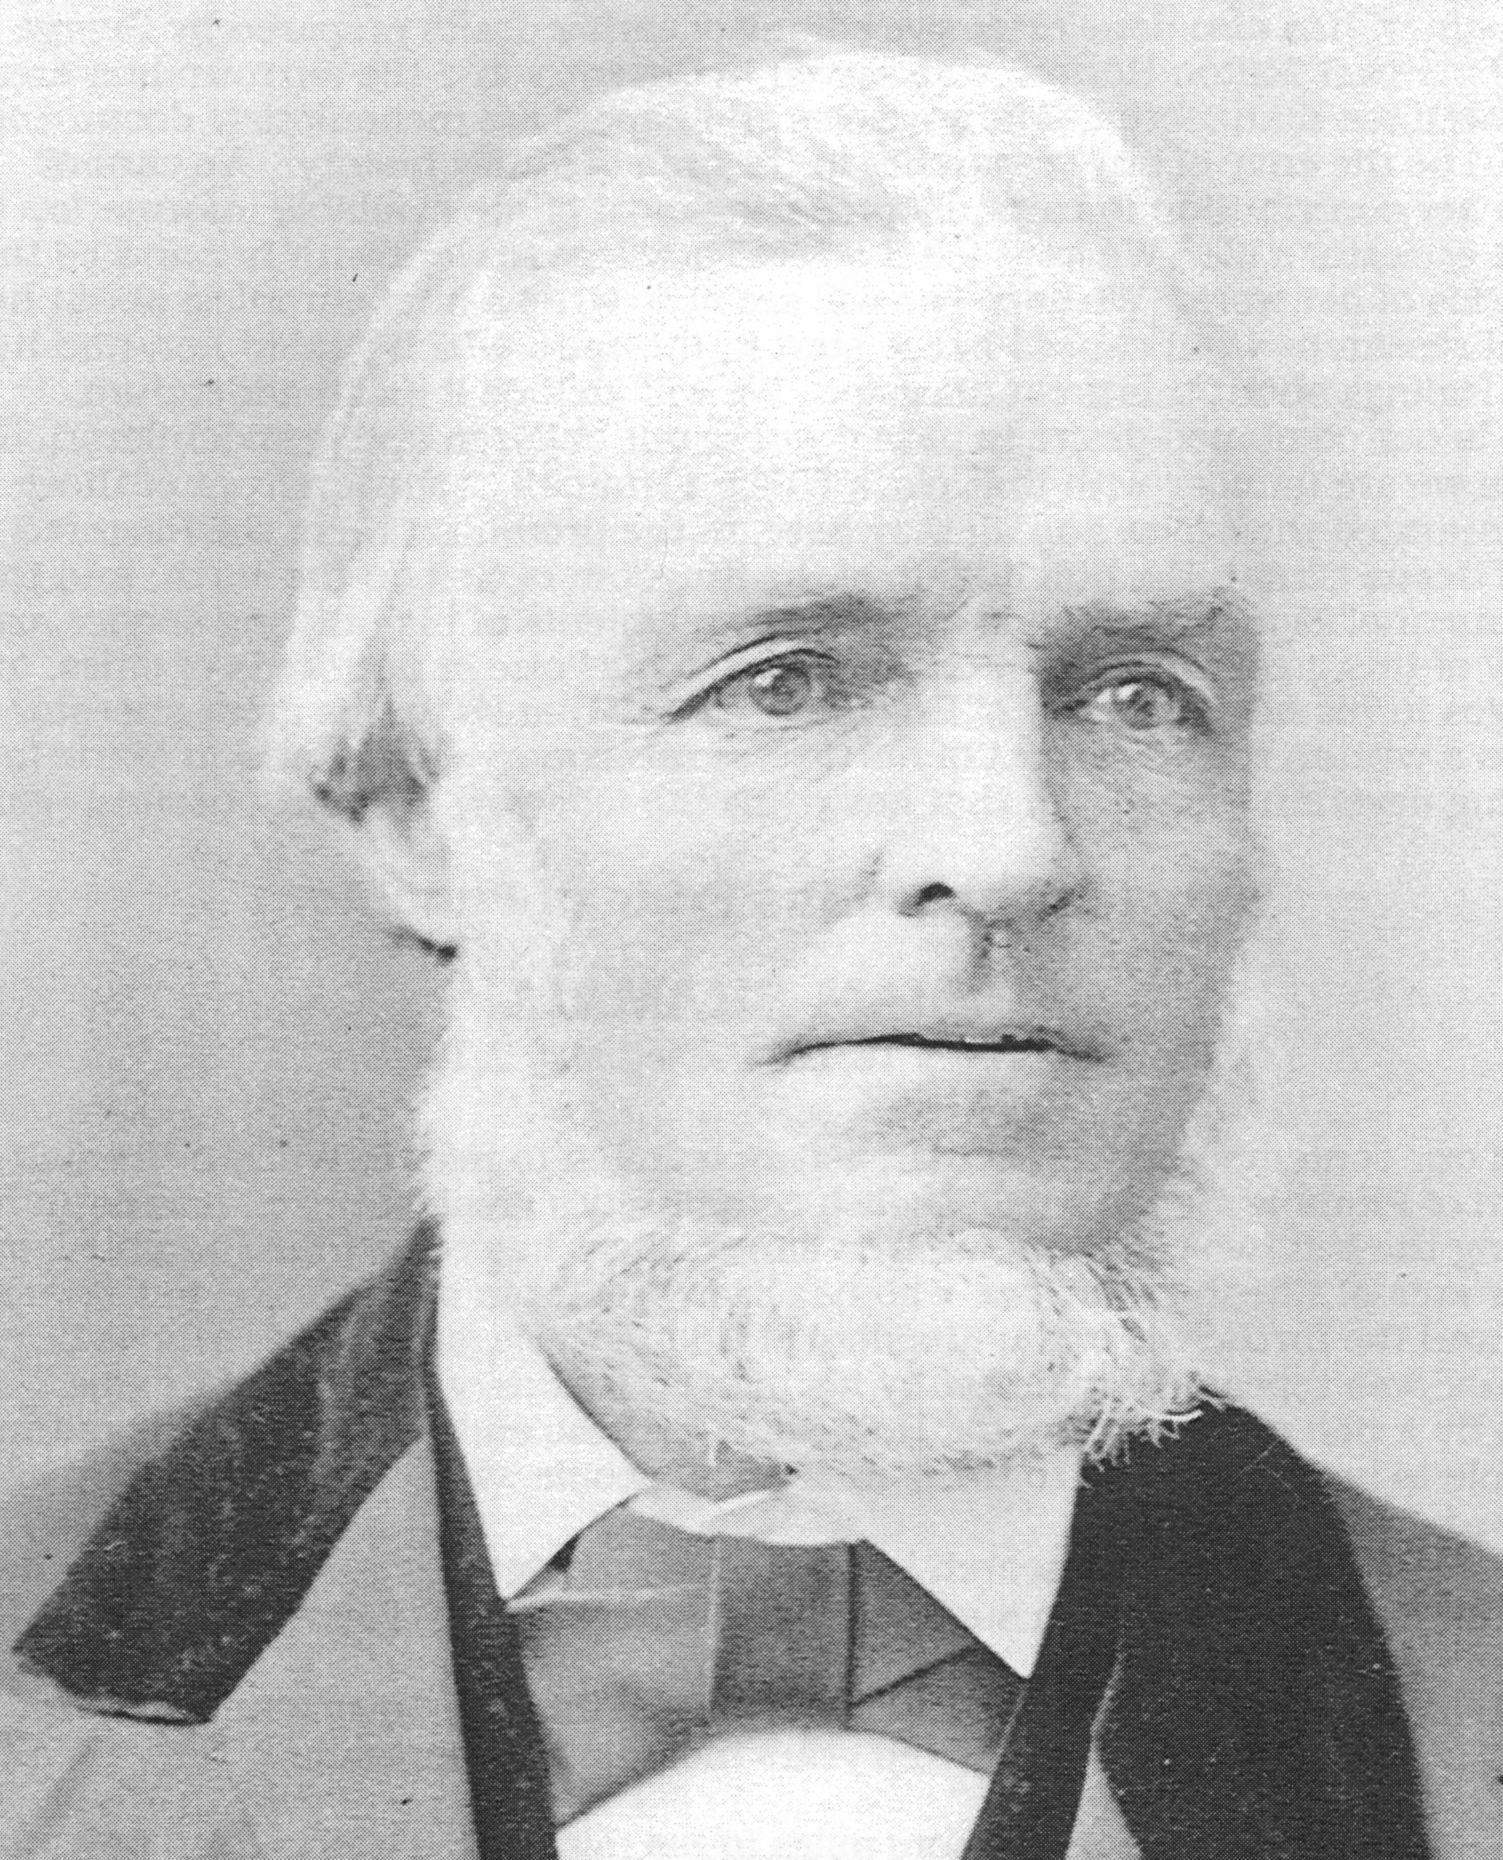 Bramall, William